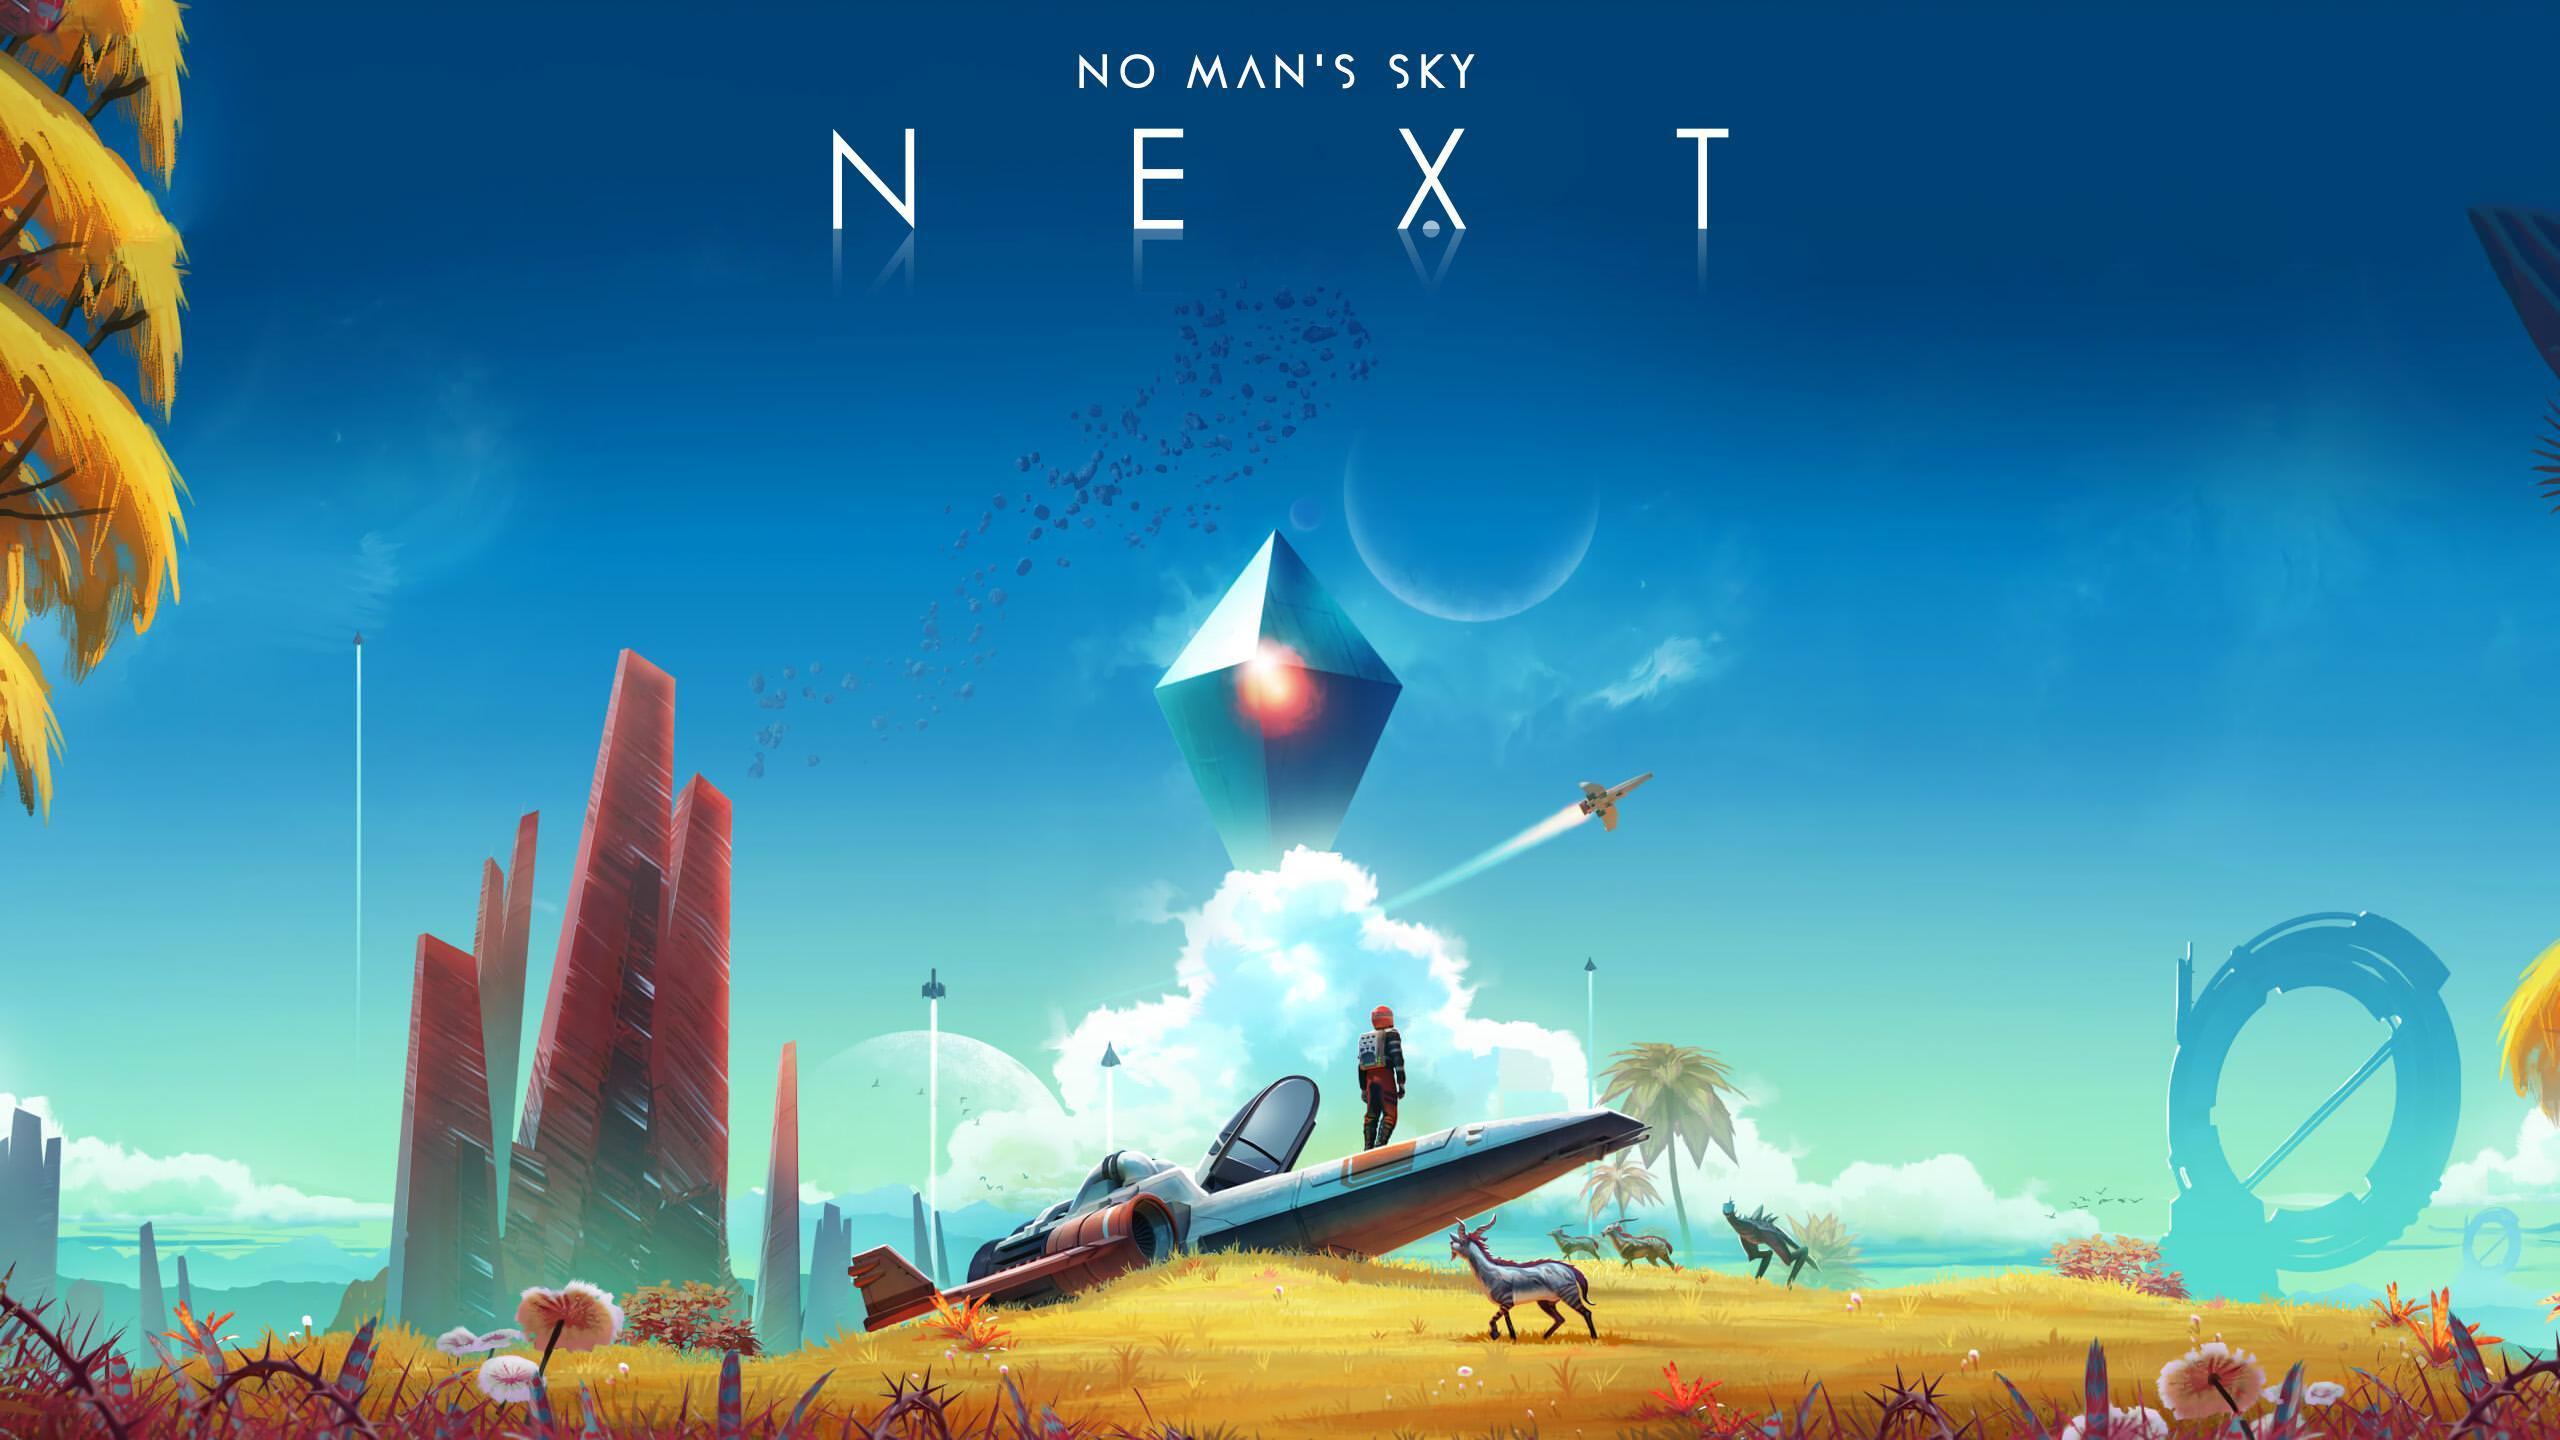 No Man's Sky busca redimirse con una renovación total: Multiplayer online y mucho más